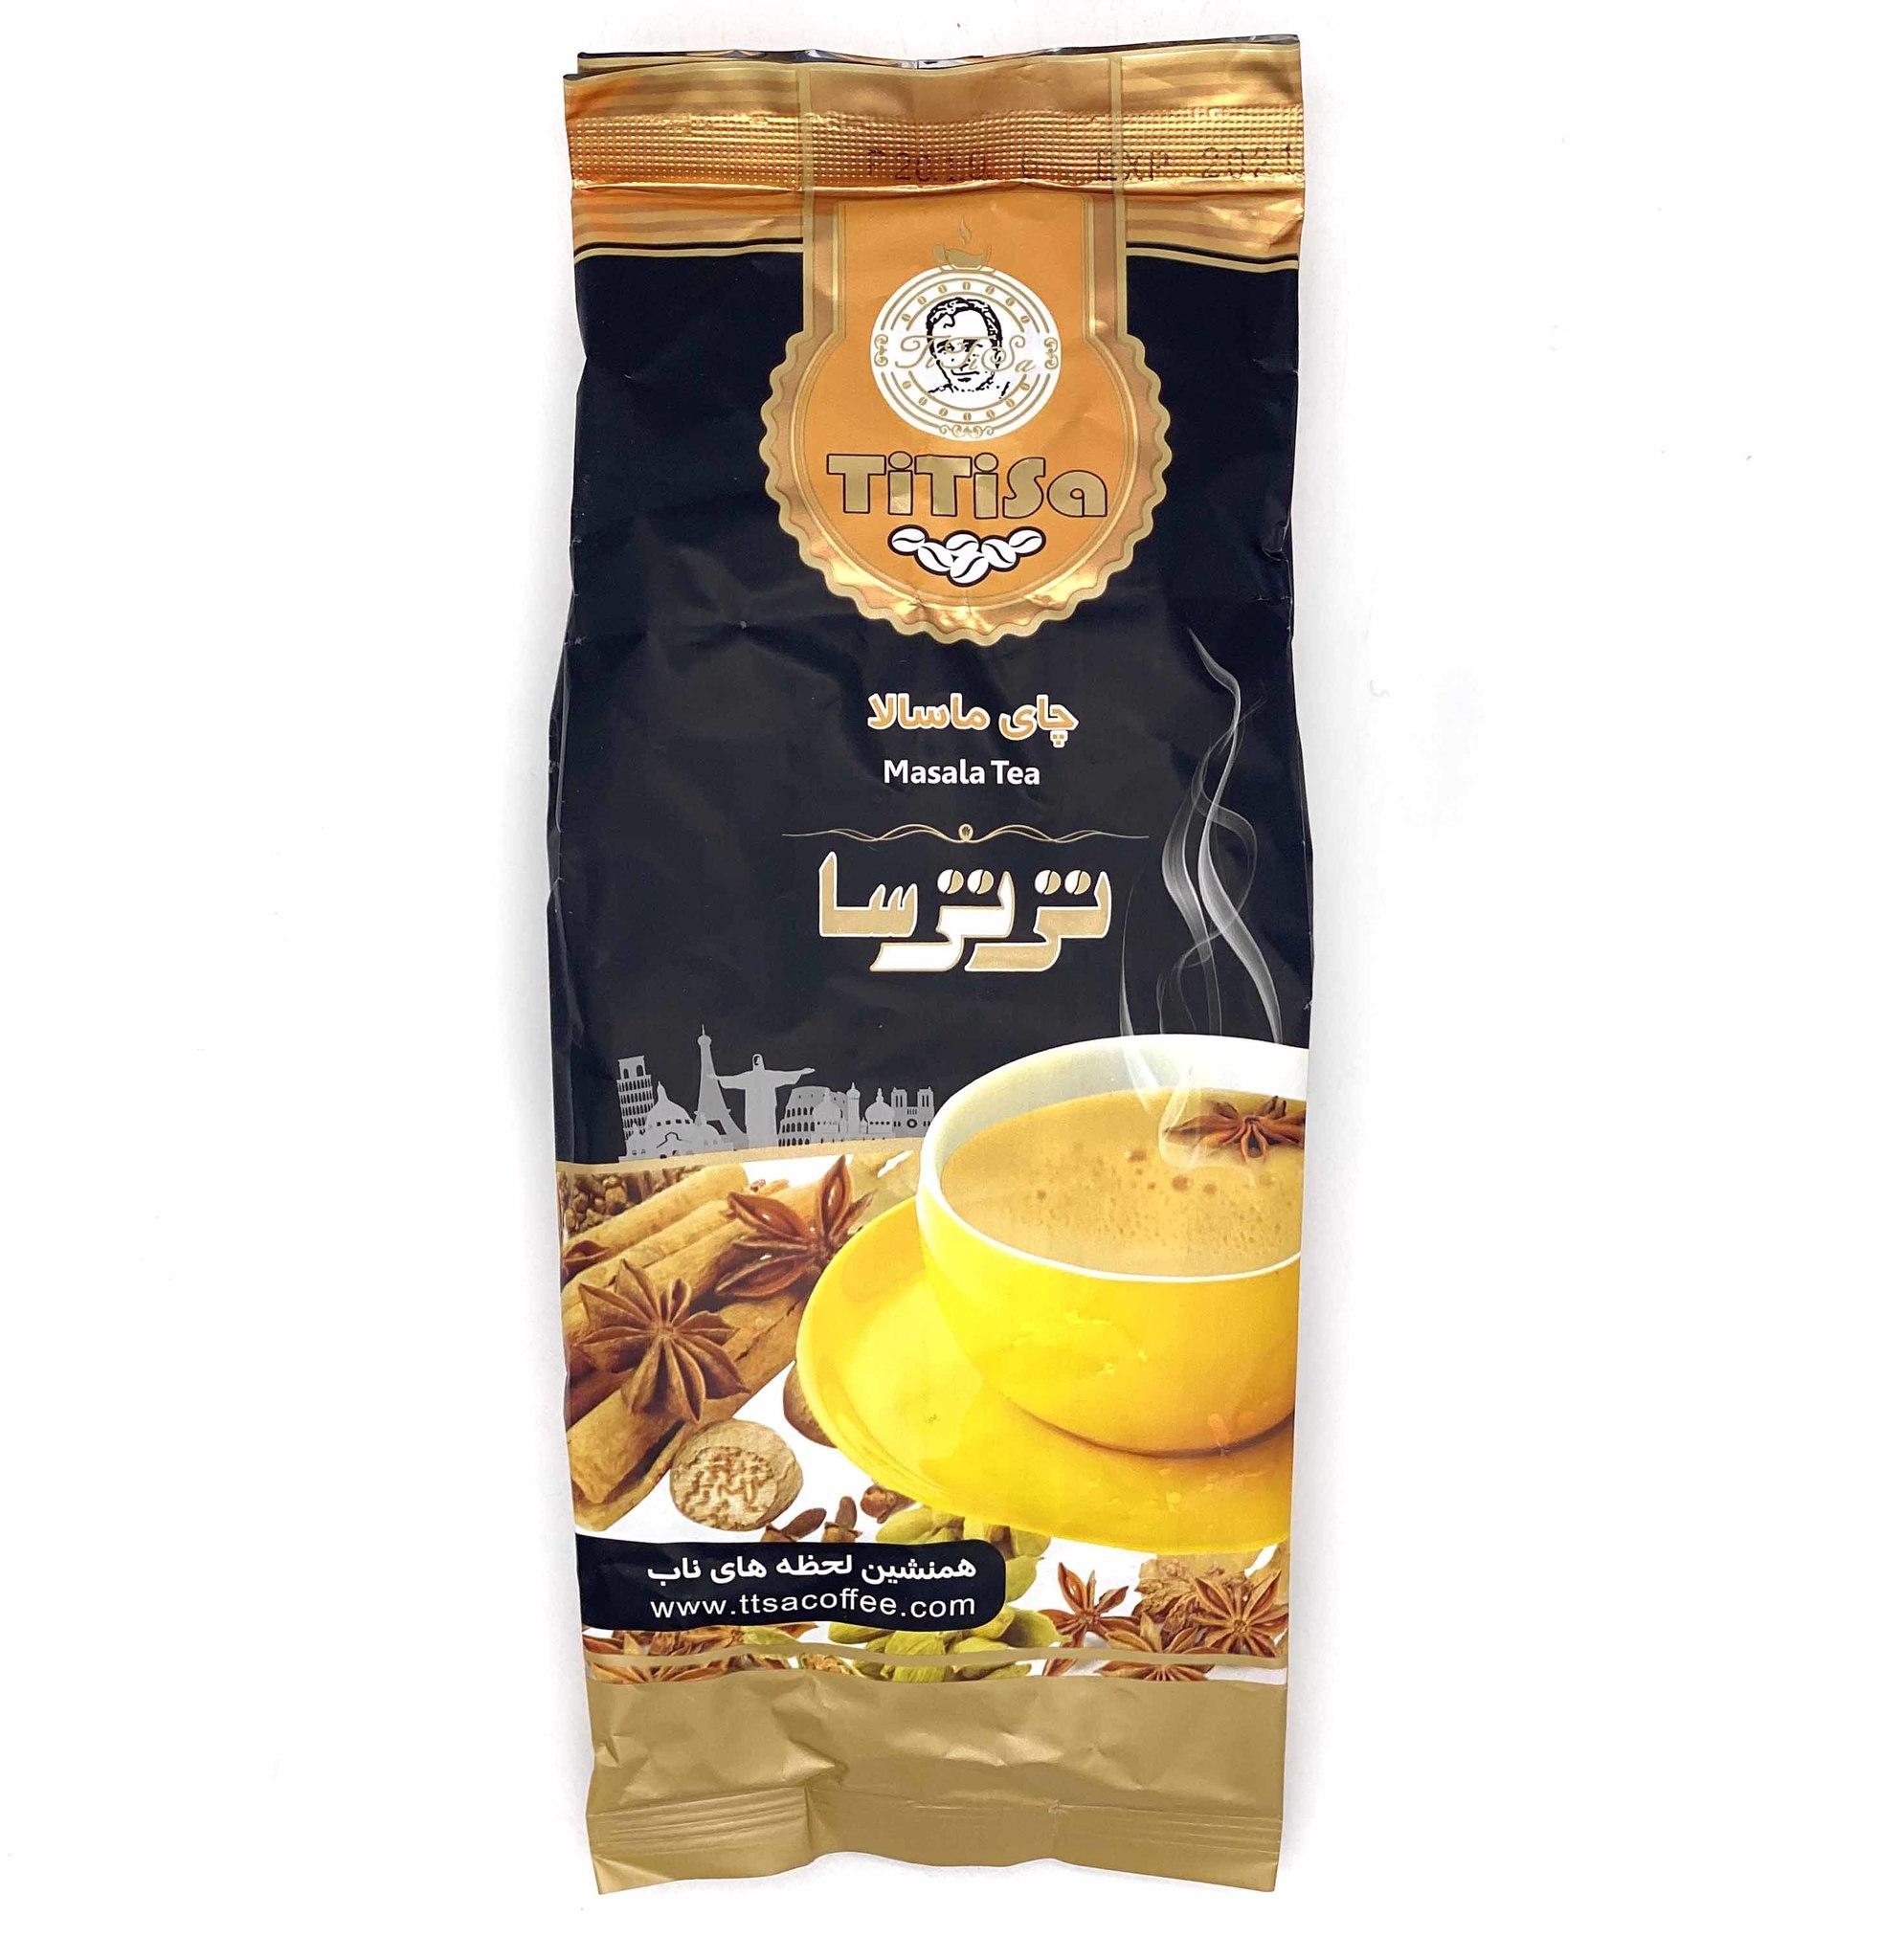 Чай Чай масала, Titisa,  400 г import_files_64_64e8a76518bb11eaa9c5484d7ecee297_e6c46140226211eaa9c6484d7ecee297.jpg